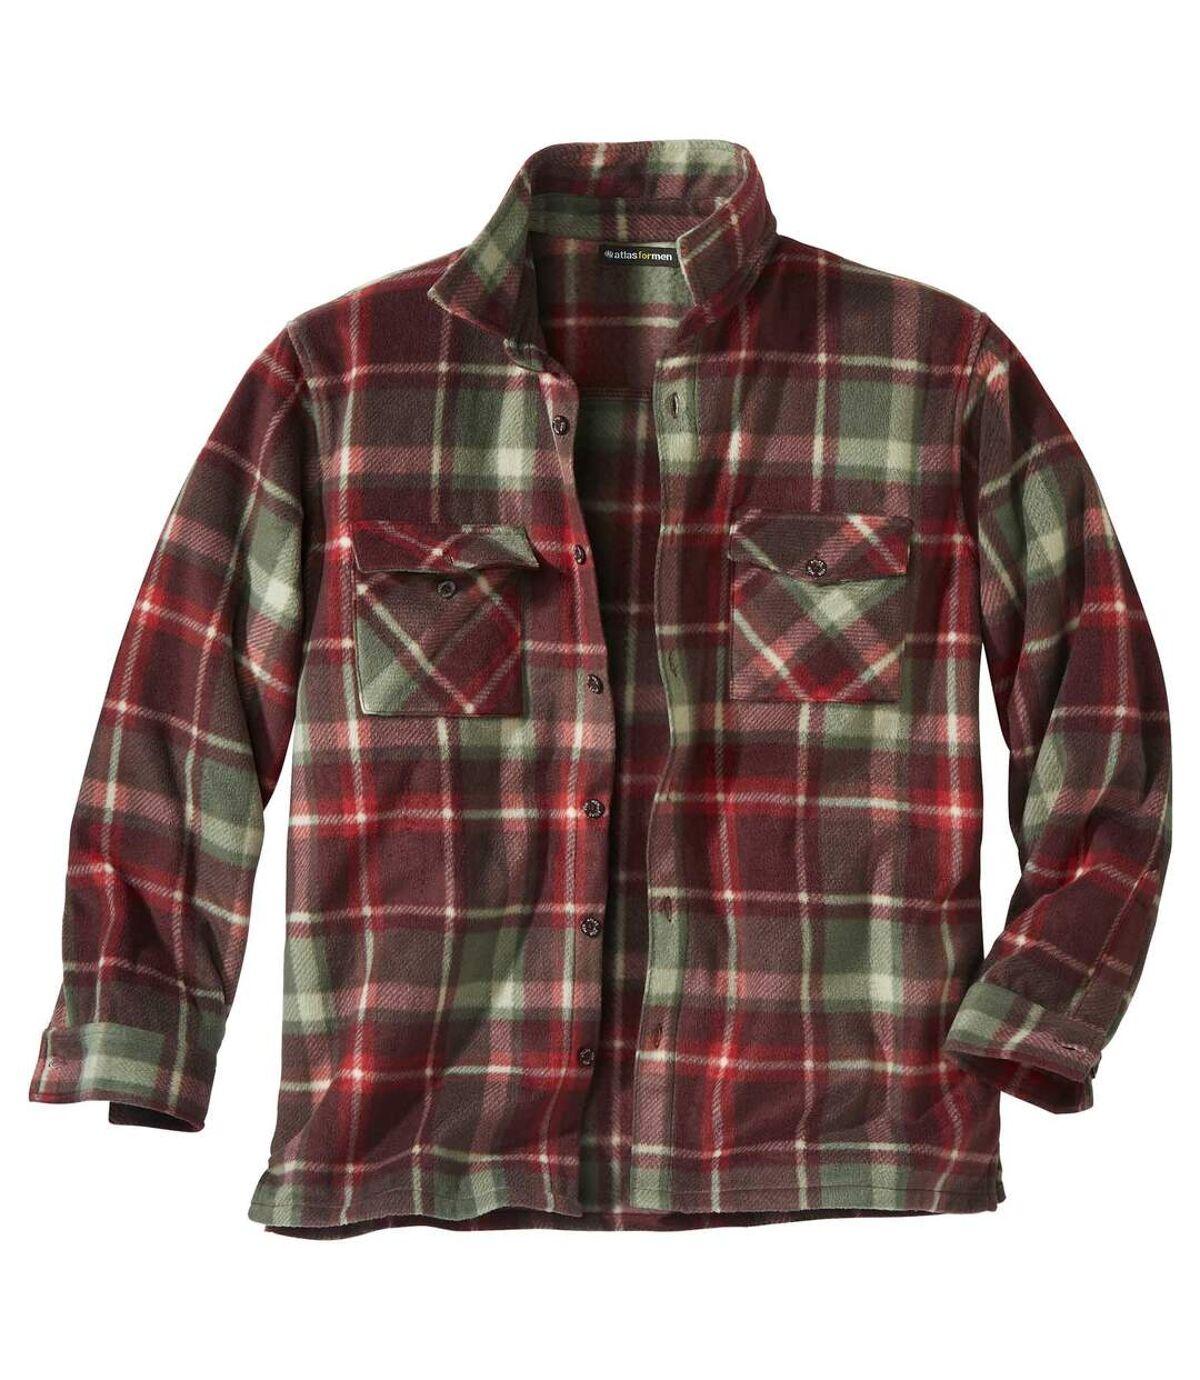 Svrchní košile Scotland zkostkovaného fleecu Atlas For Men